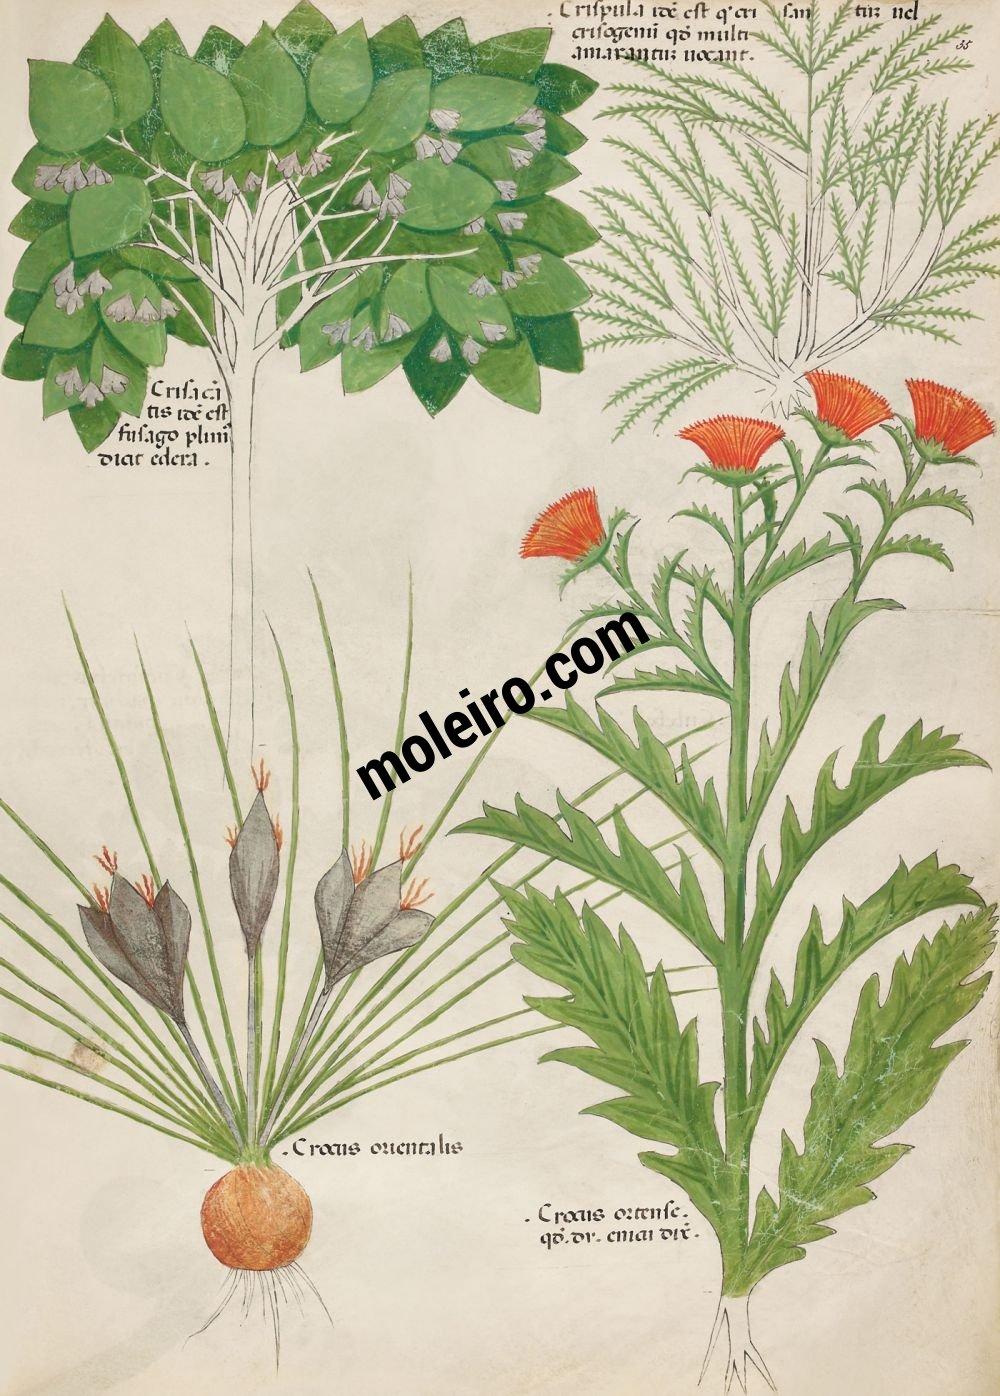 Tratado de plantas medicinales. Tractatus de Herbis -Sloane 4016 f. 35r:Hiedra de los poetas; mejorana de jardín; croco oriental; croco de jardín